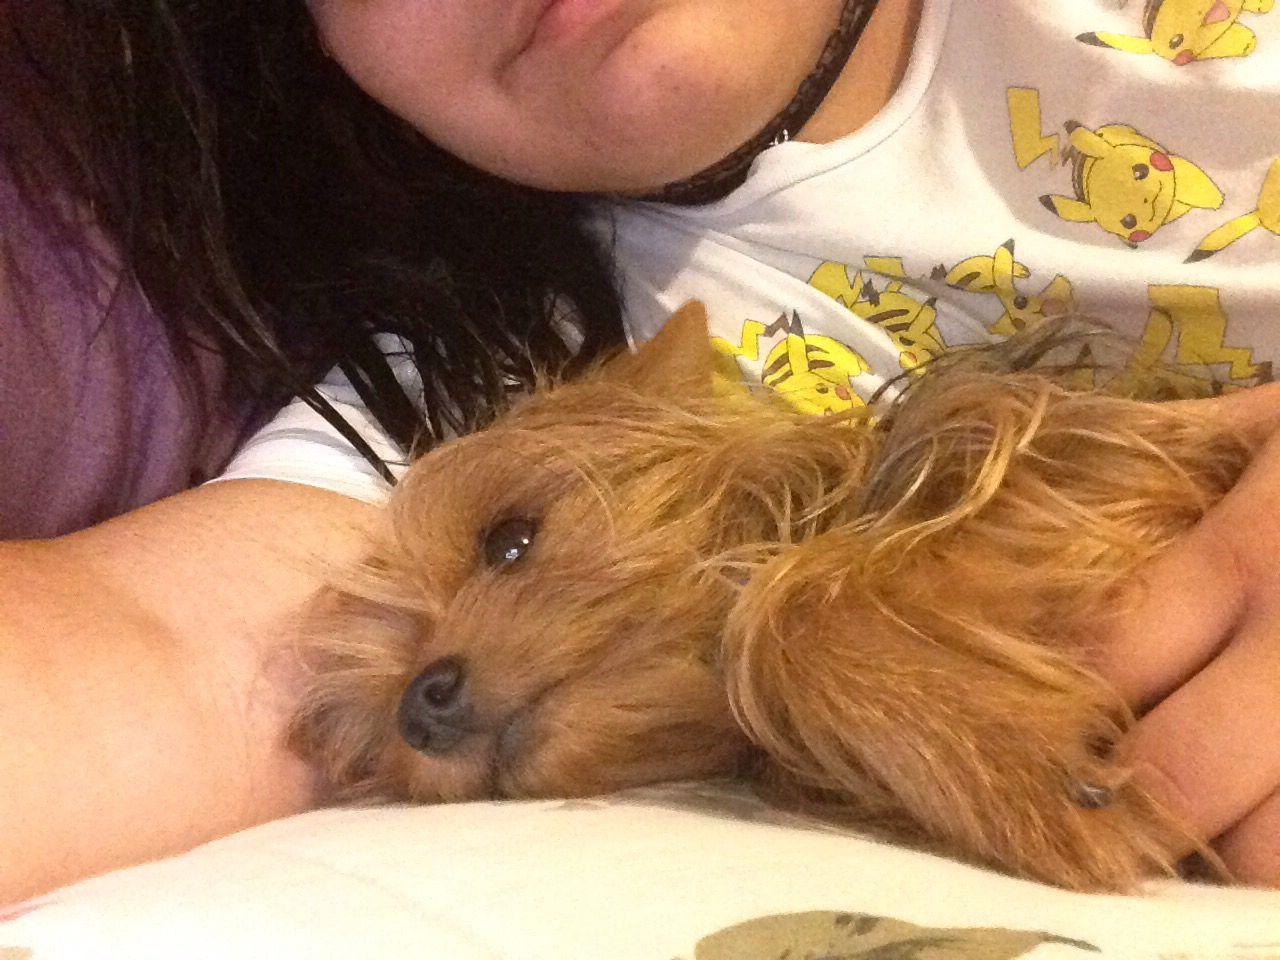 Best cuddle buddy